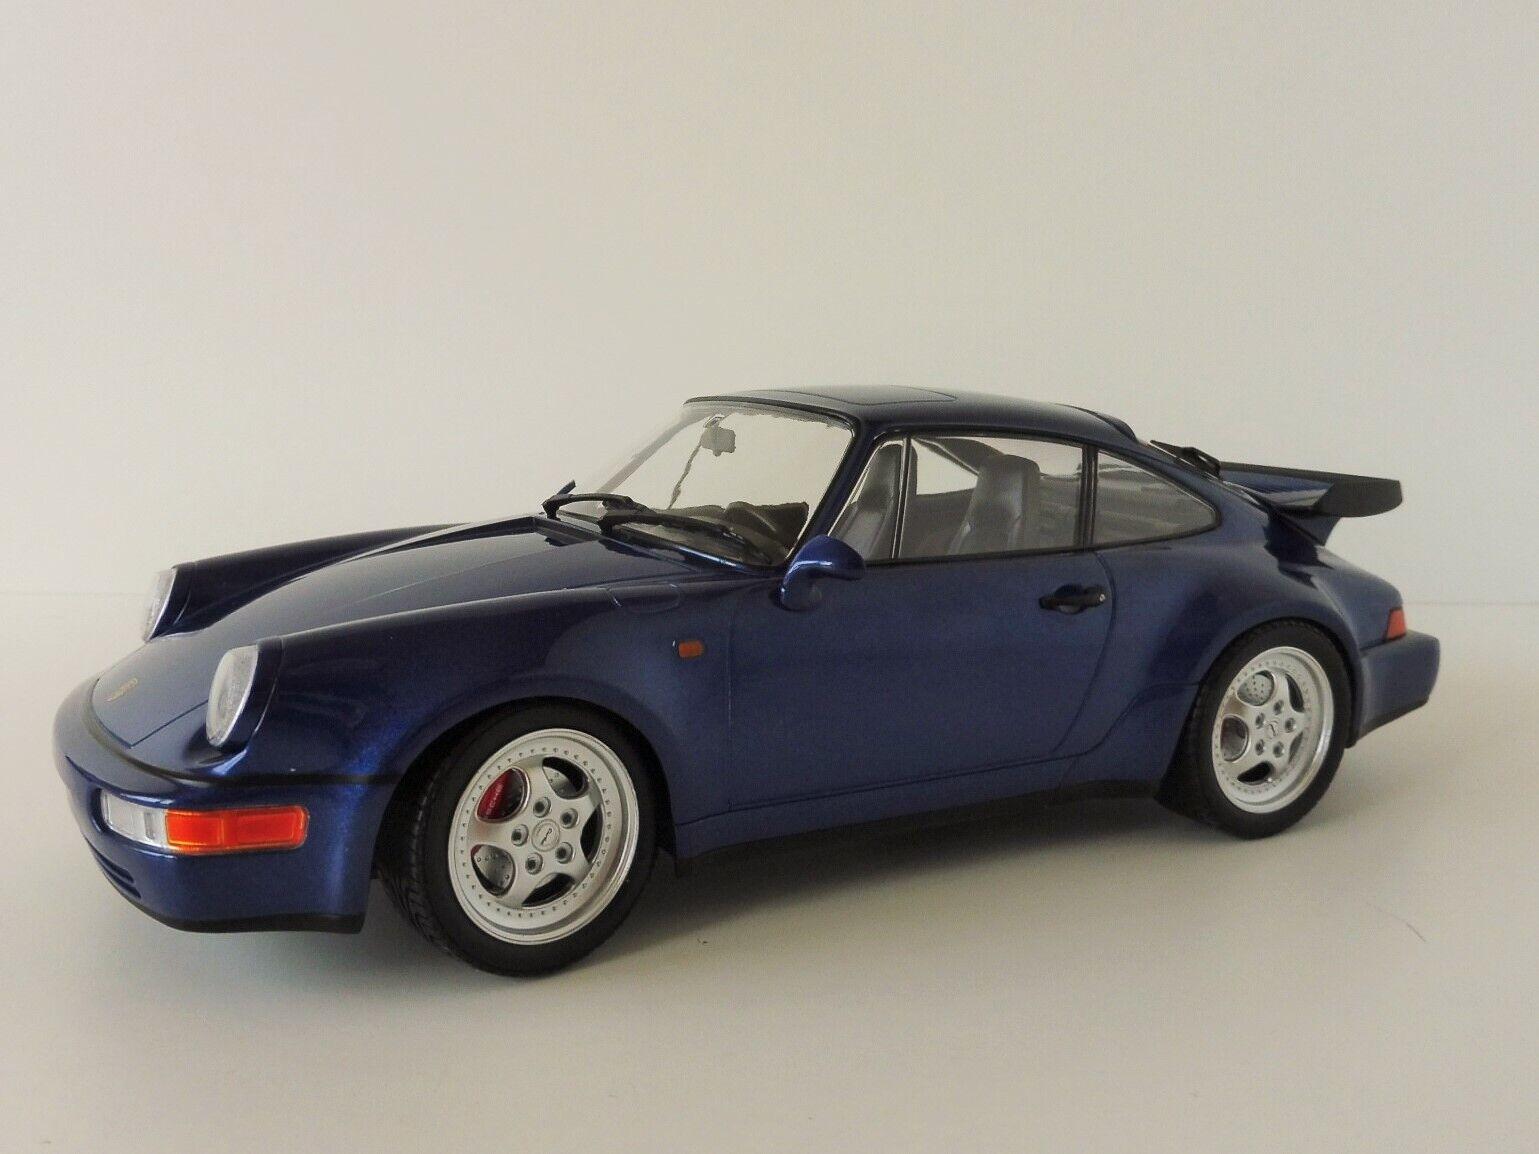 Porsche 911 turbo 1990 blumetallic 1 18 Minichamps pma 155069101 964